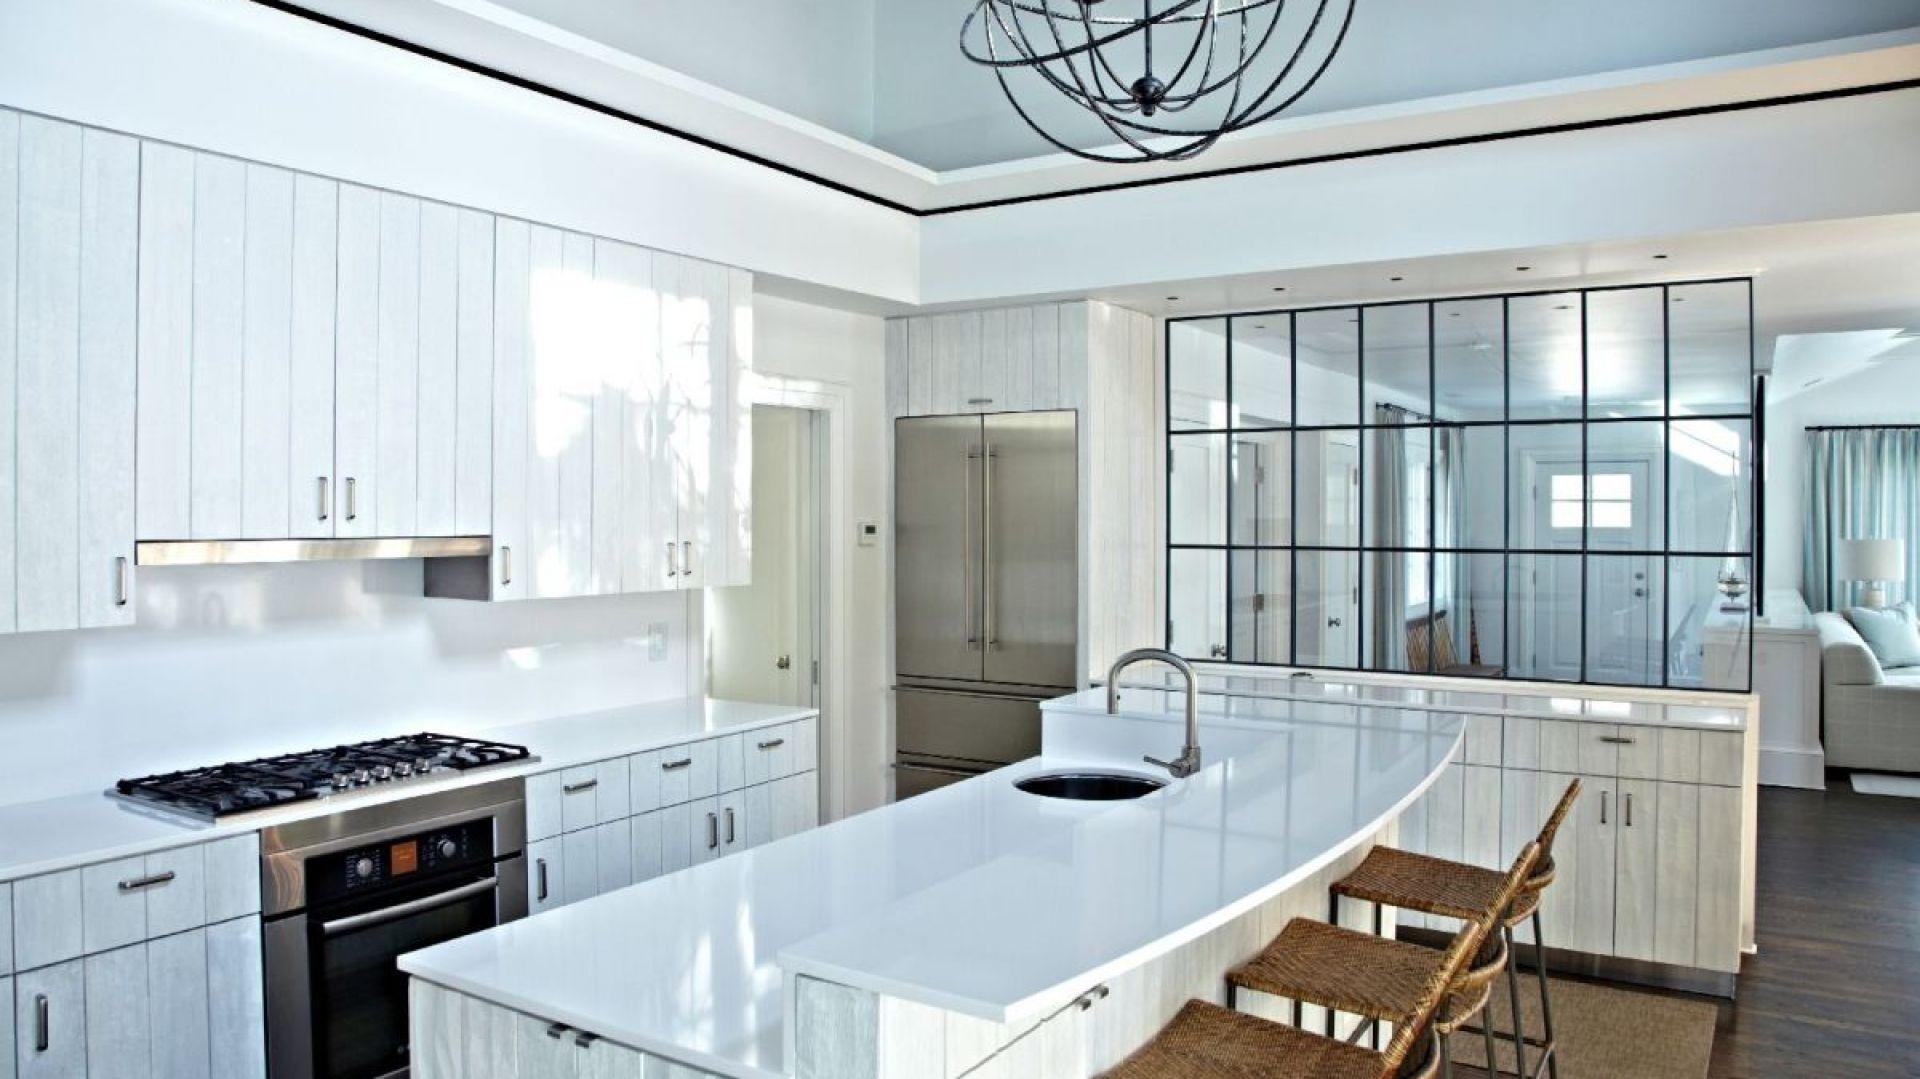 Cała na biało. Biała kuchnia wygląda nowocześnie, przestronnie i świeżo. Może przyjmować różne warianty – np. nawiązywać do stylu skandynawskiego. Fot. Cosentino